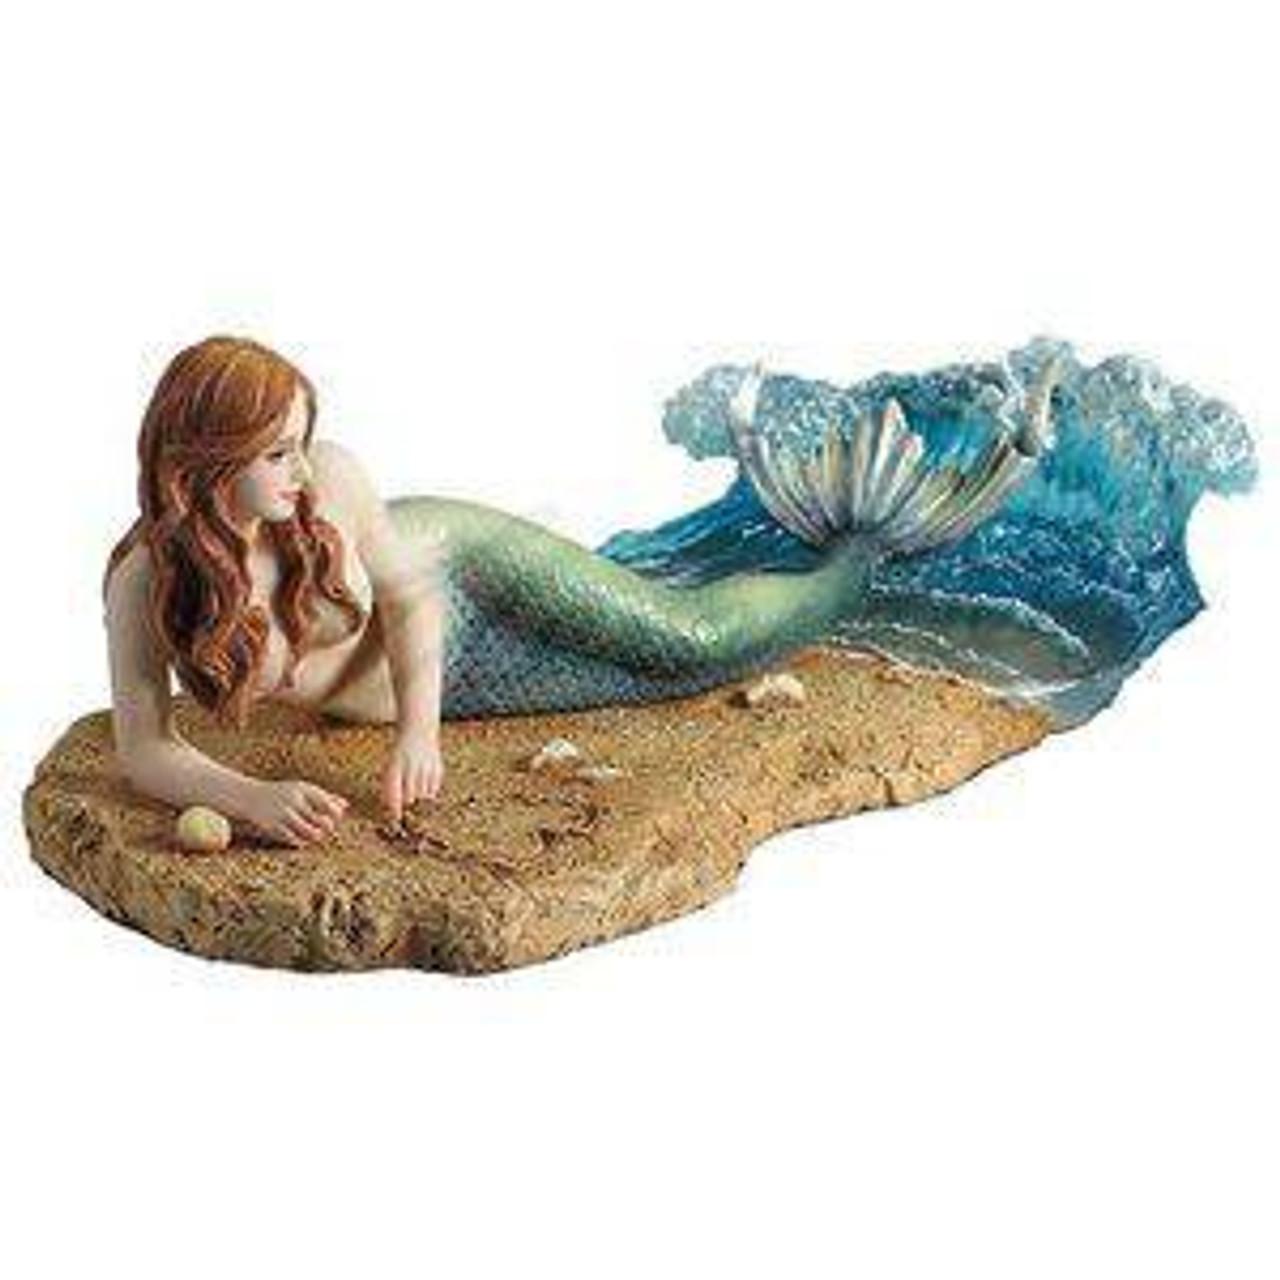 Mermaid Sculptures